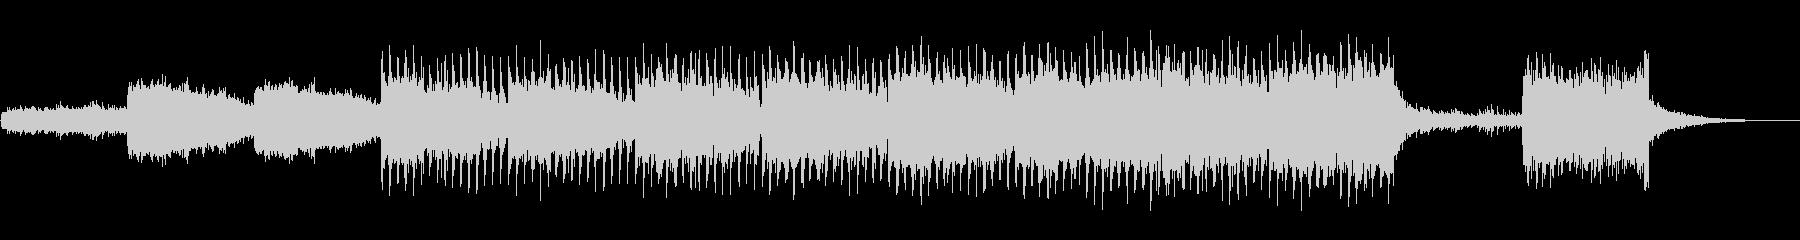 シネマティック サスペンス 不気味の未再生の波形